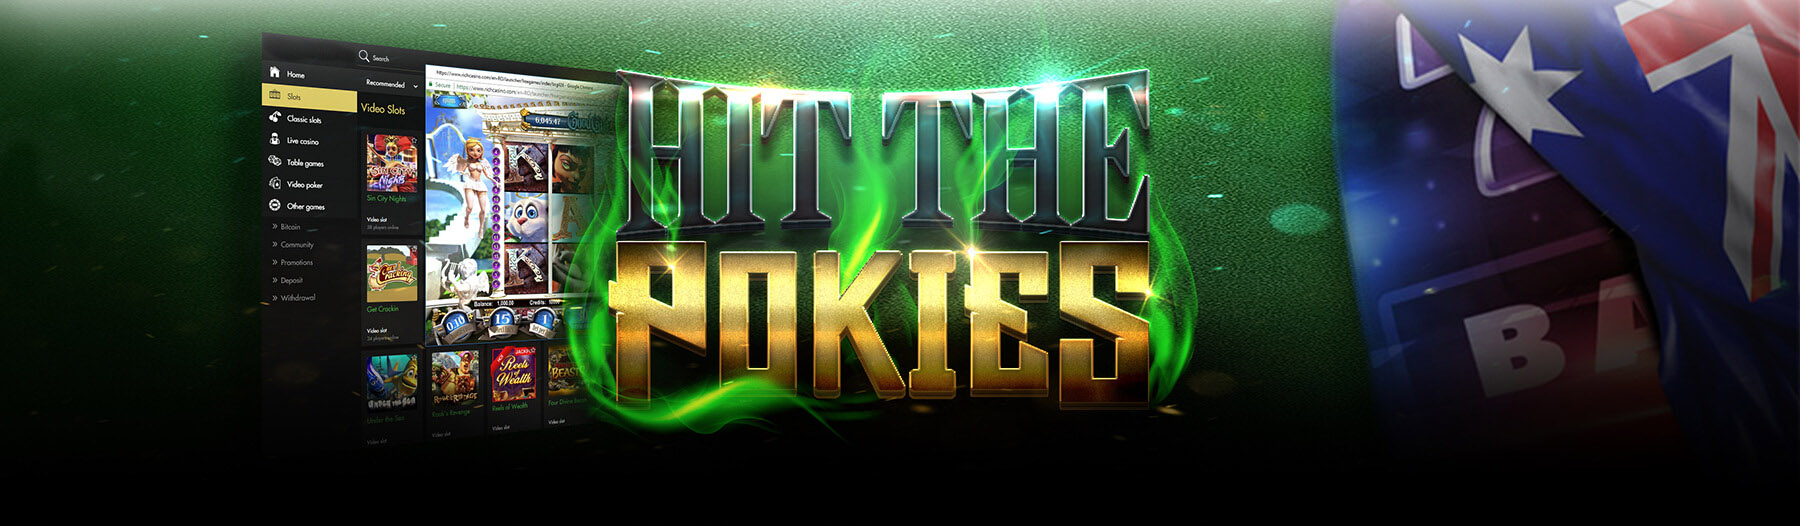 HitThePokies